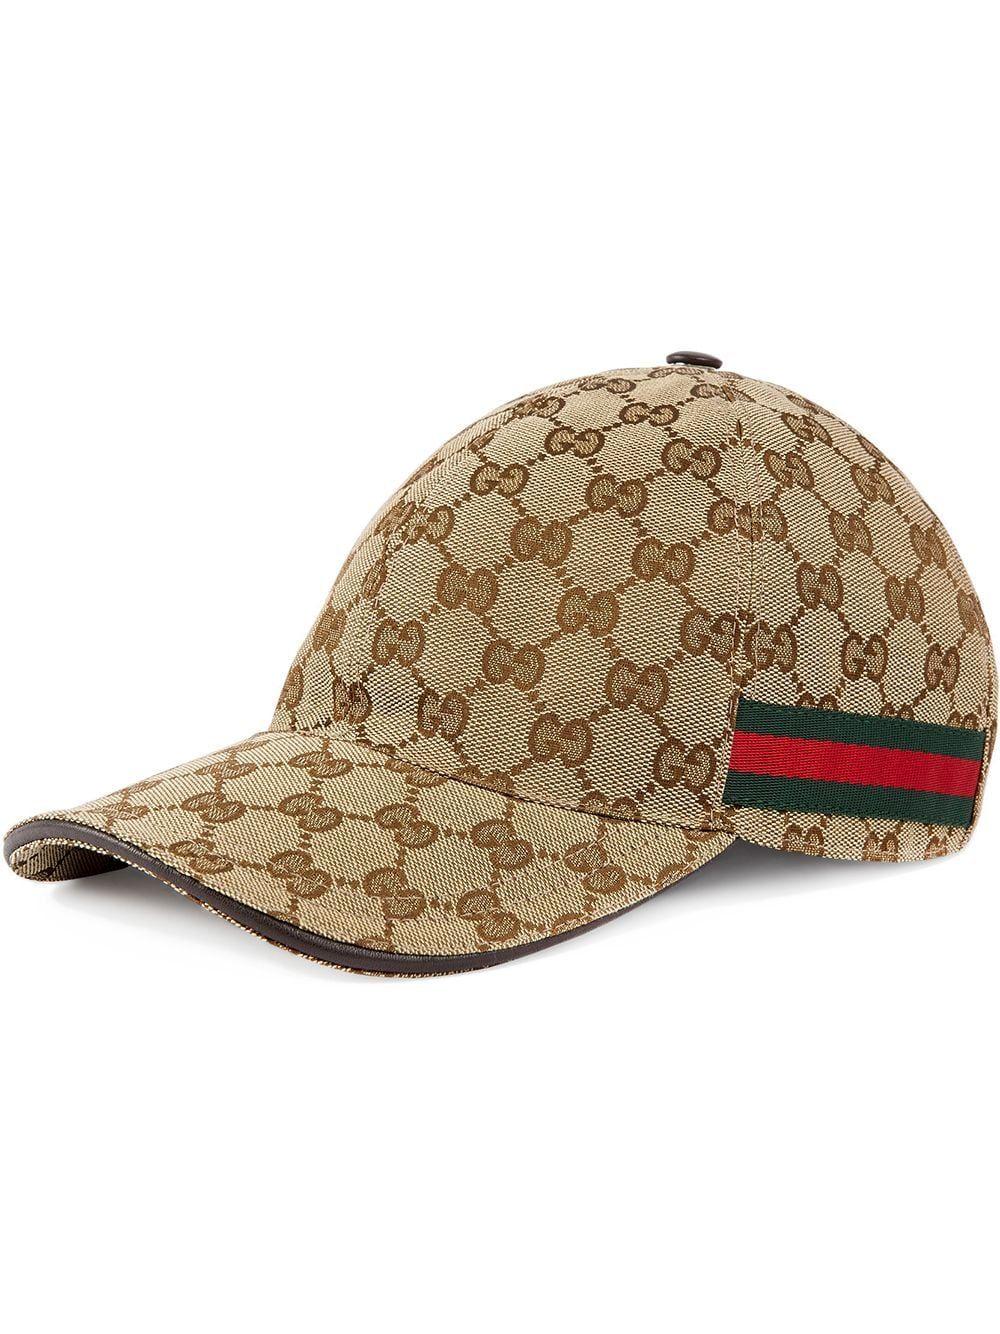 Gucci cappelli beige